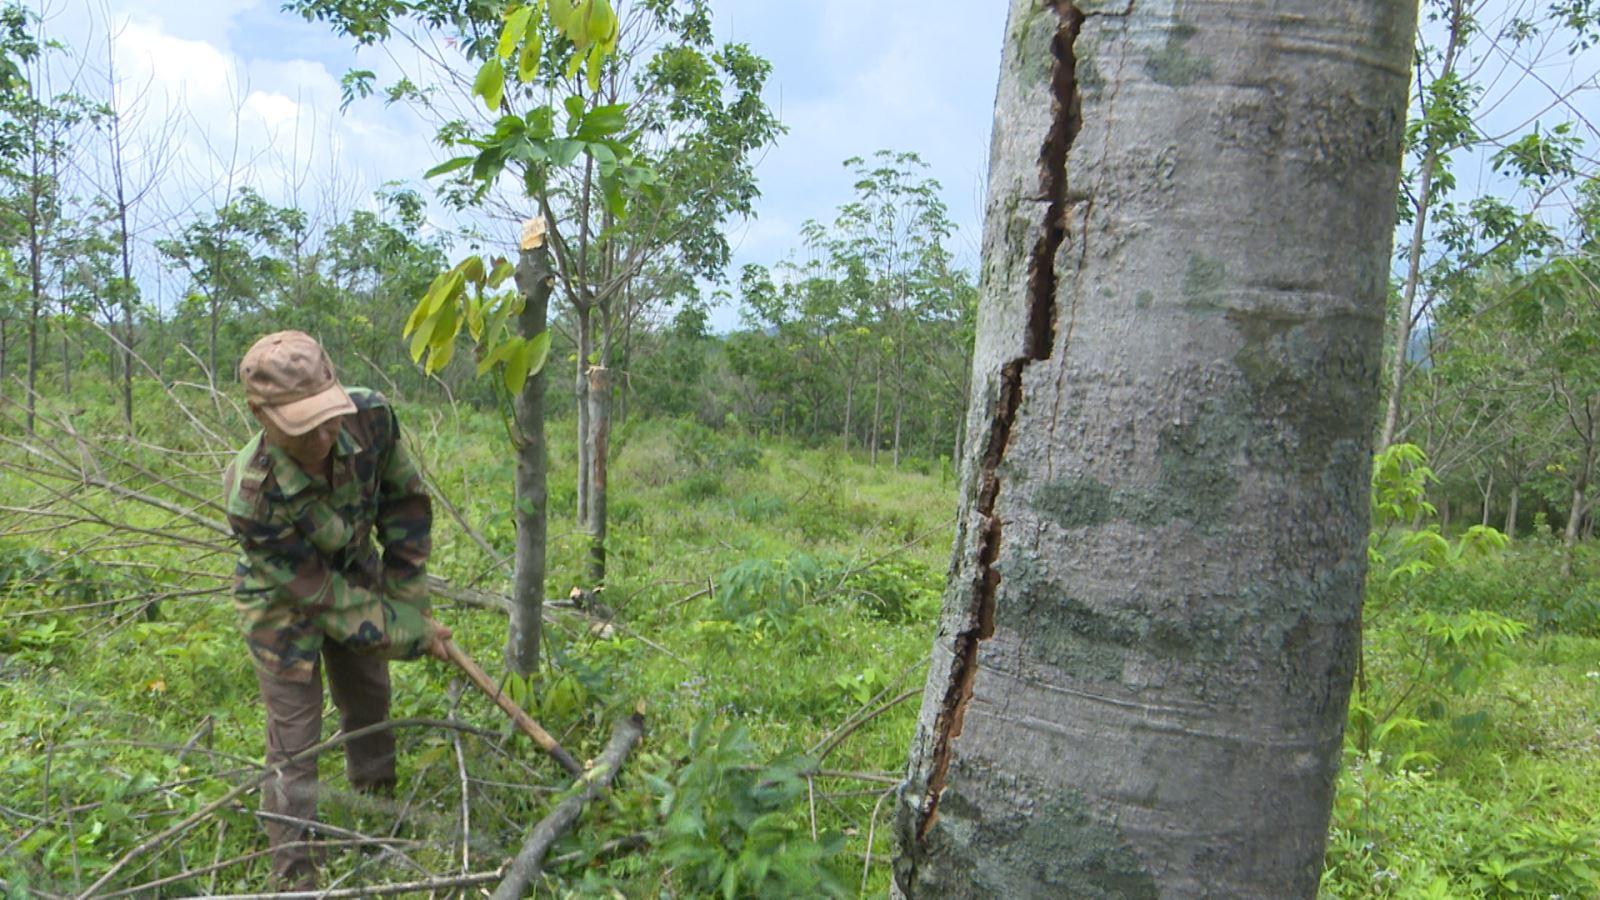 Khai thác cây cao su làm củi